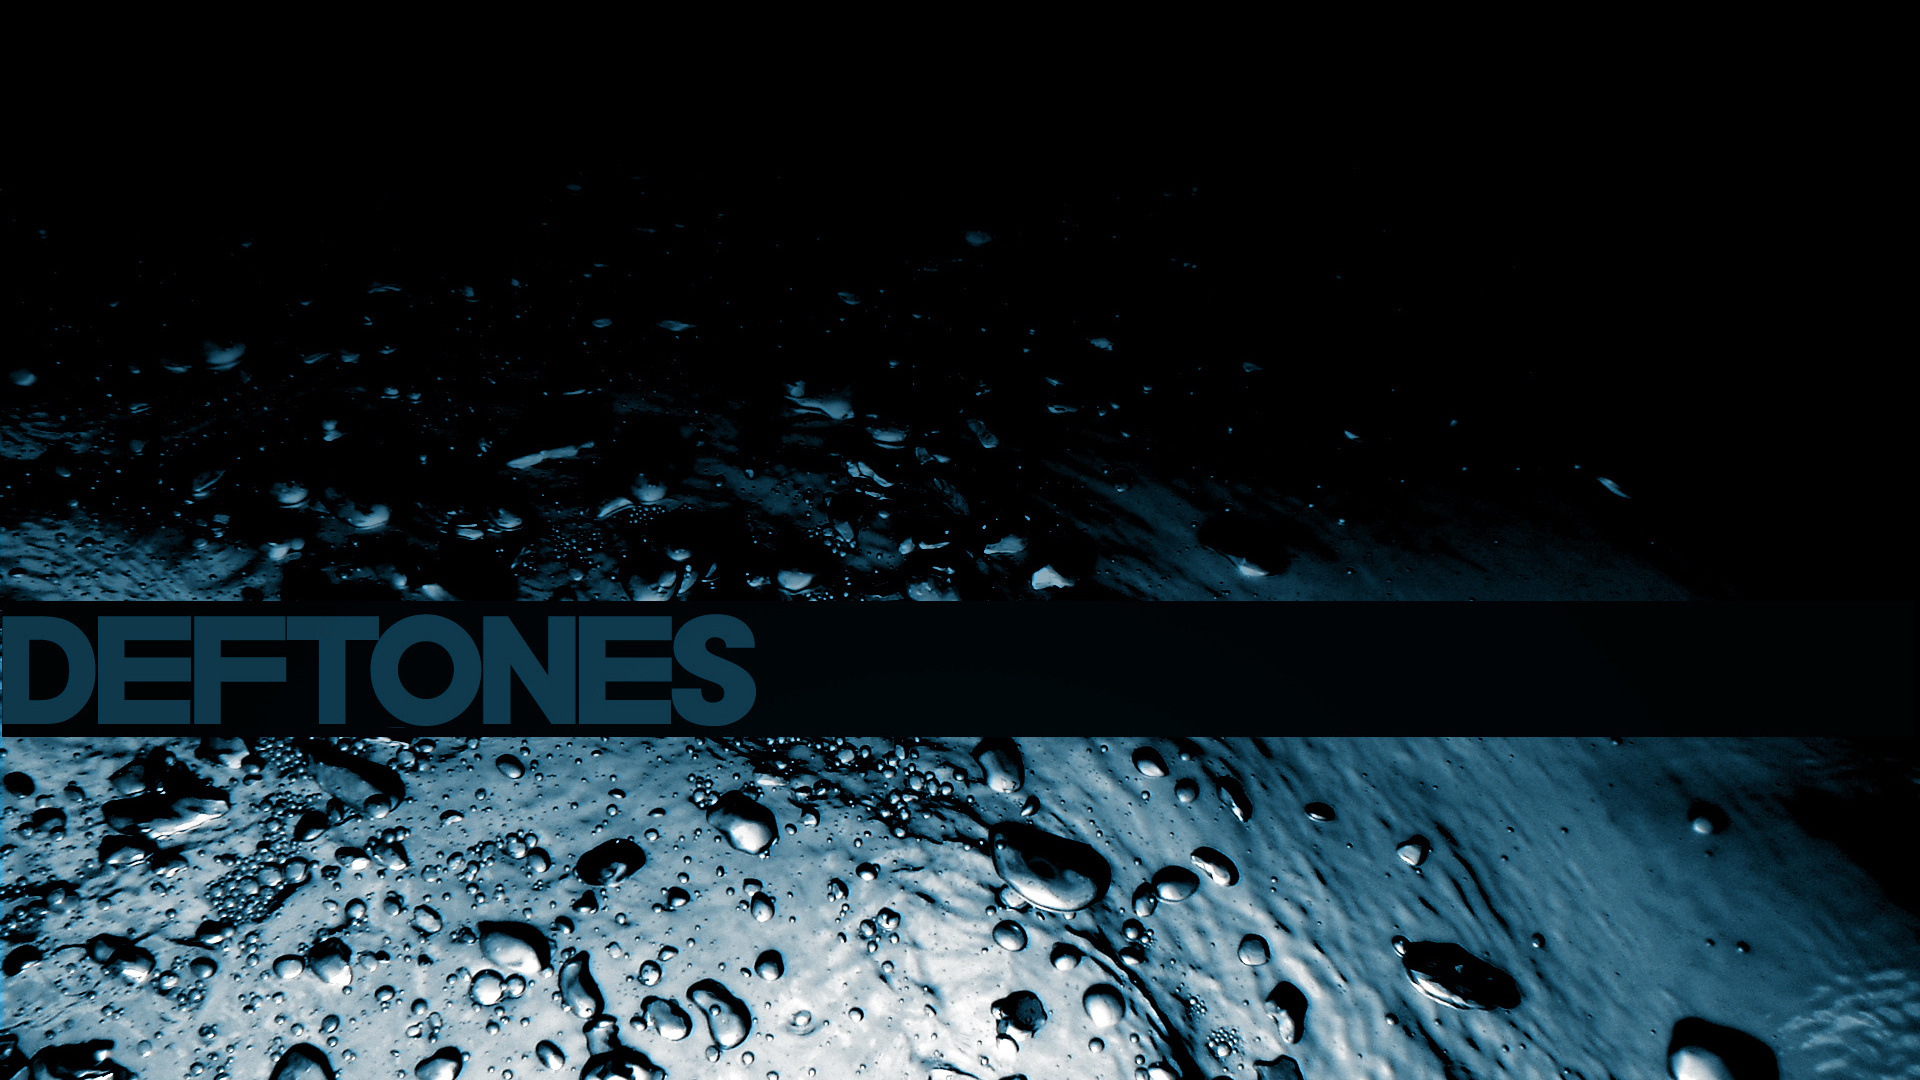 Deftones Computer Wallpapers Desktop Backgrounds 1366x768 ID 1920x1080